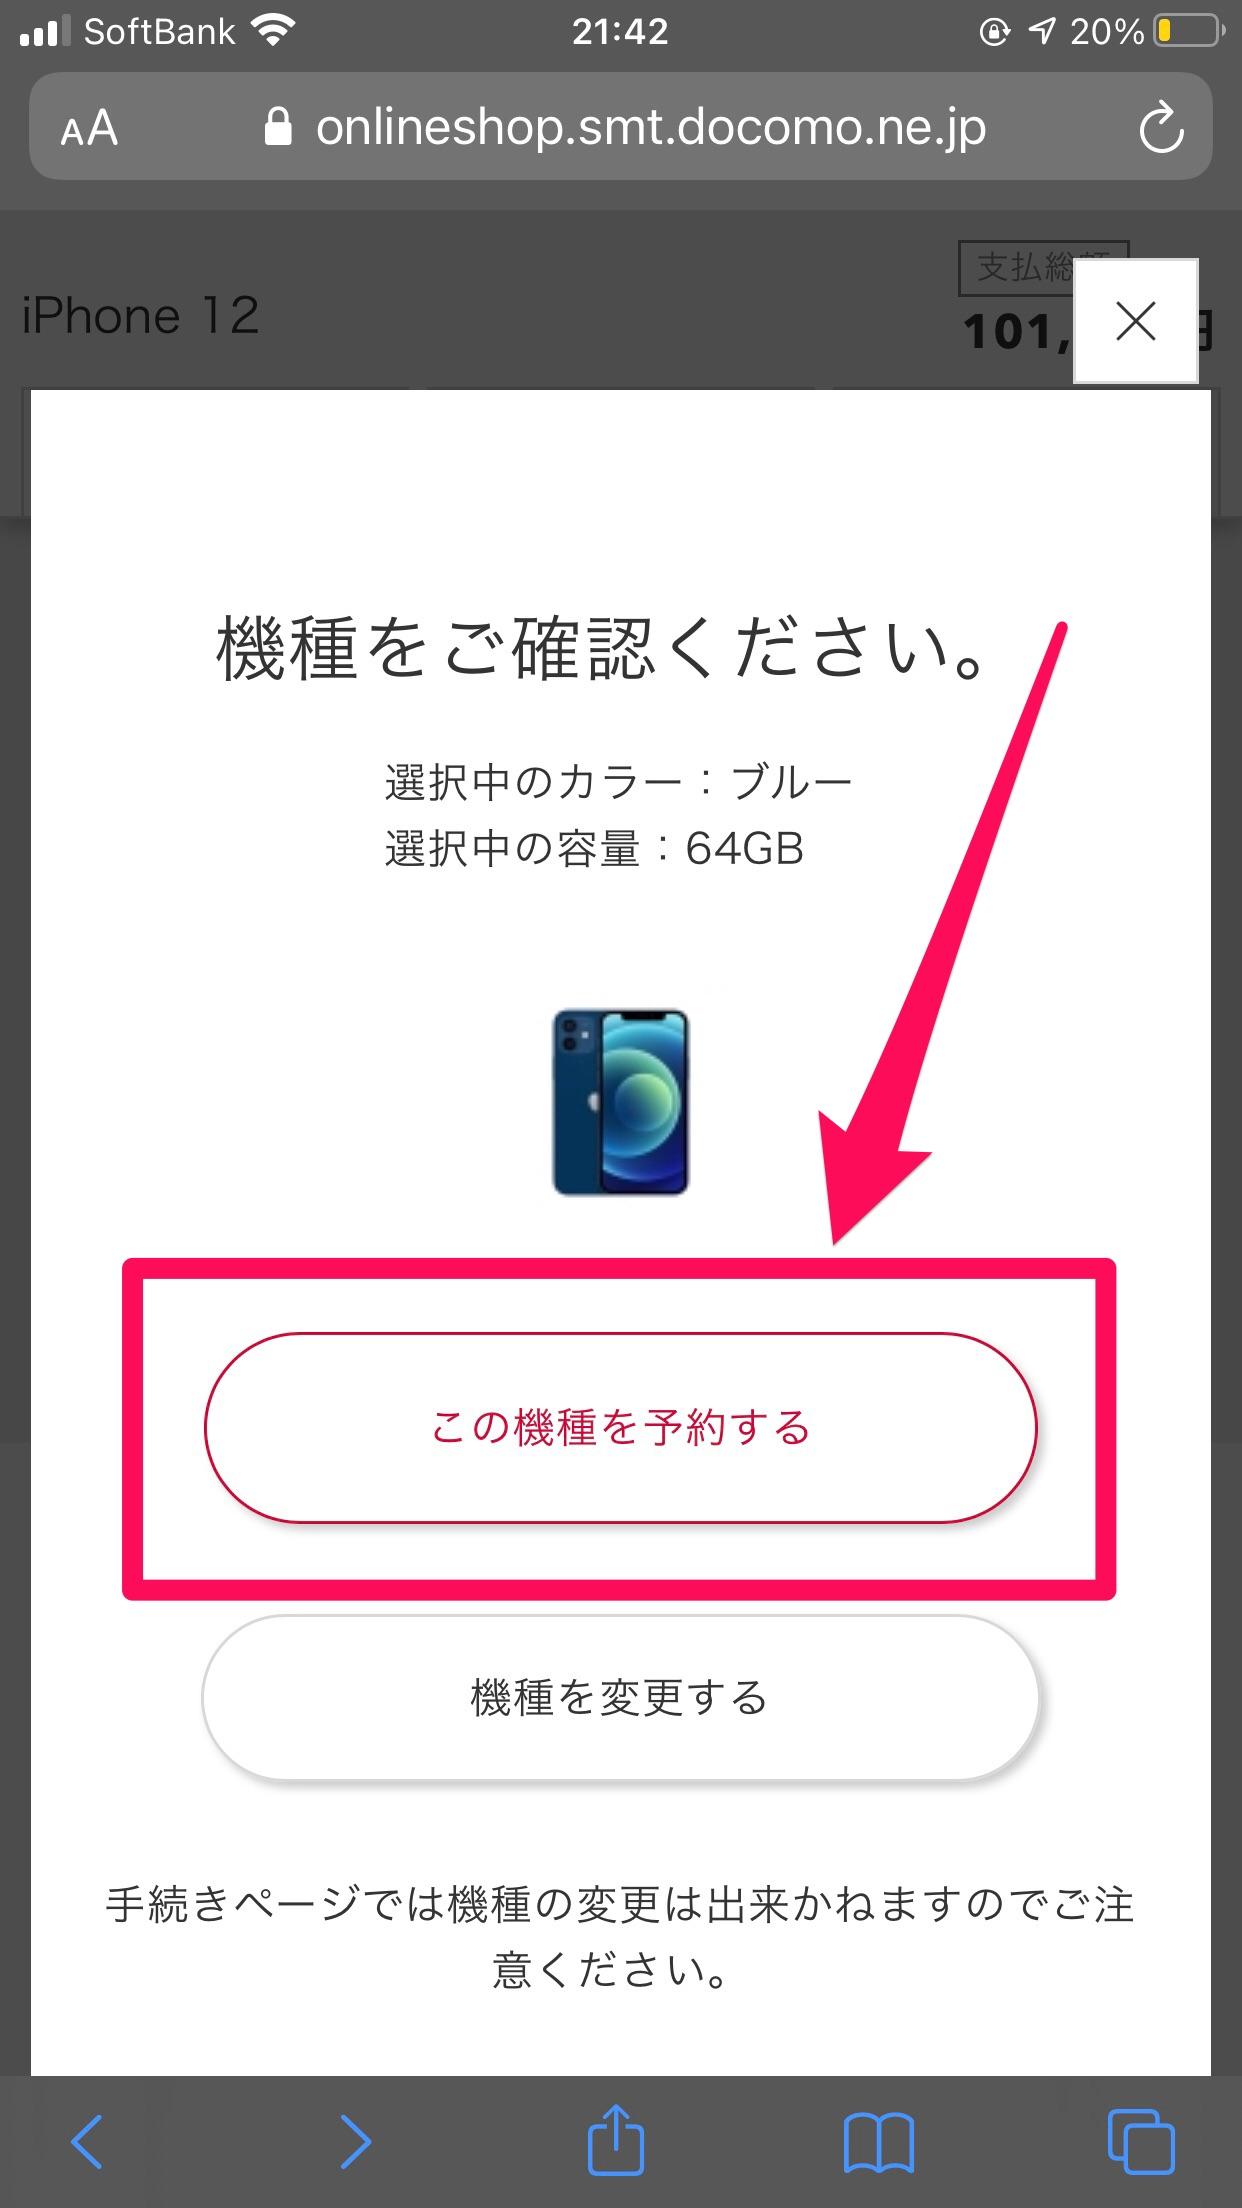 ドコモオンラインショップでiPhone 12購入6